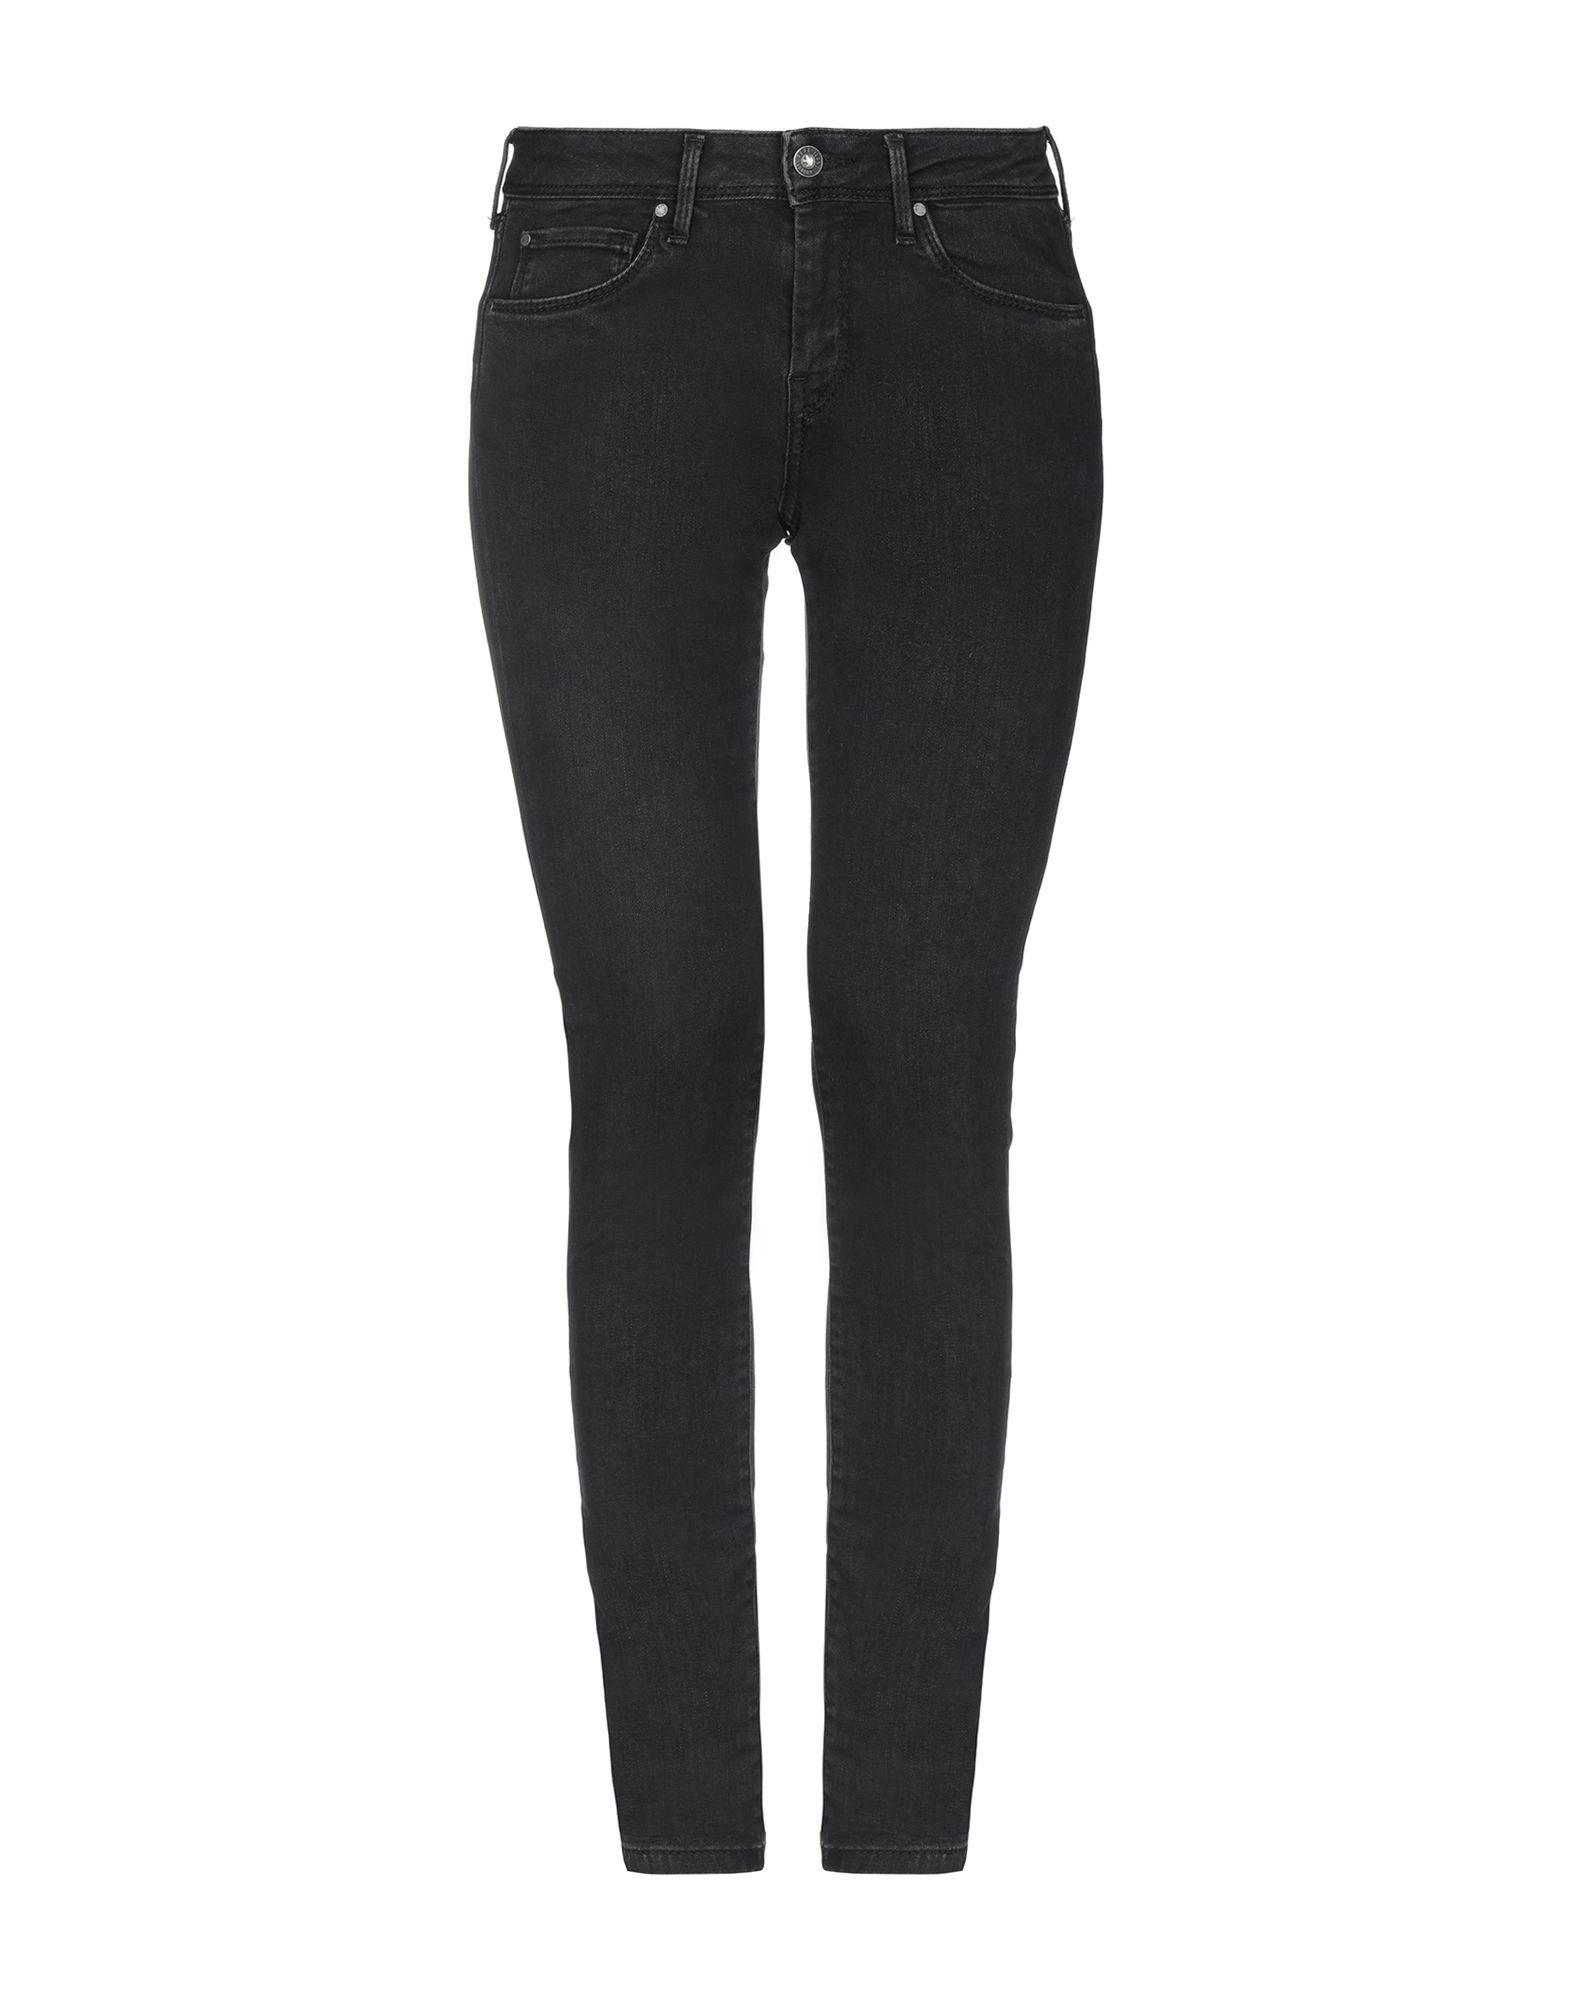 PEPE JEANS Джинсовые брюки-капри pepe jeans брюки капри